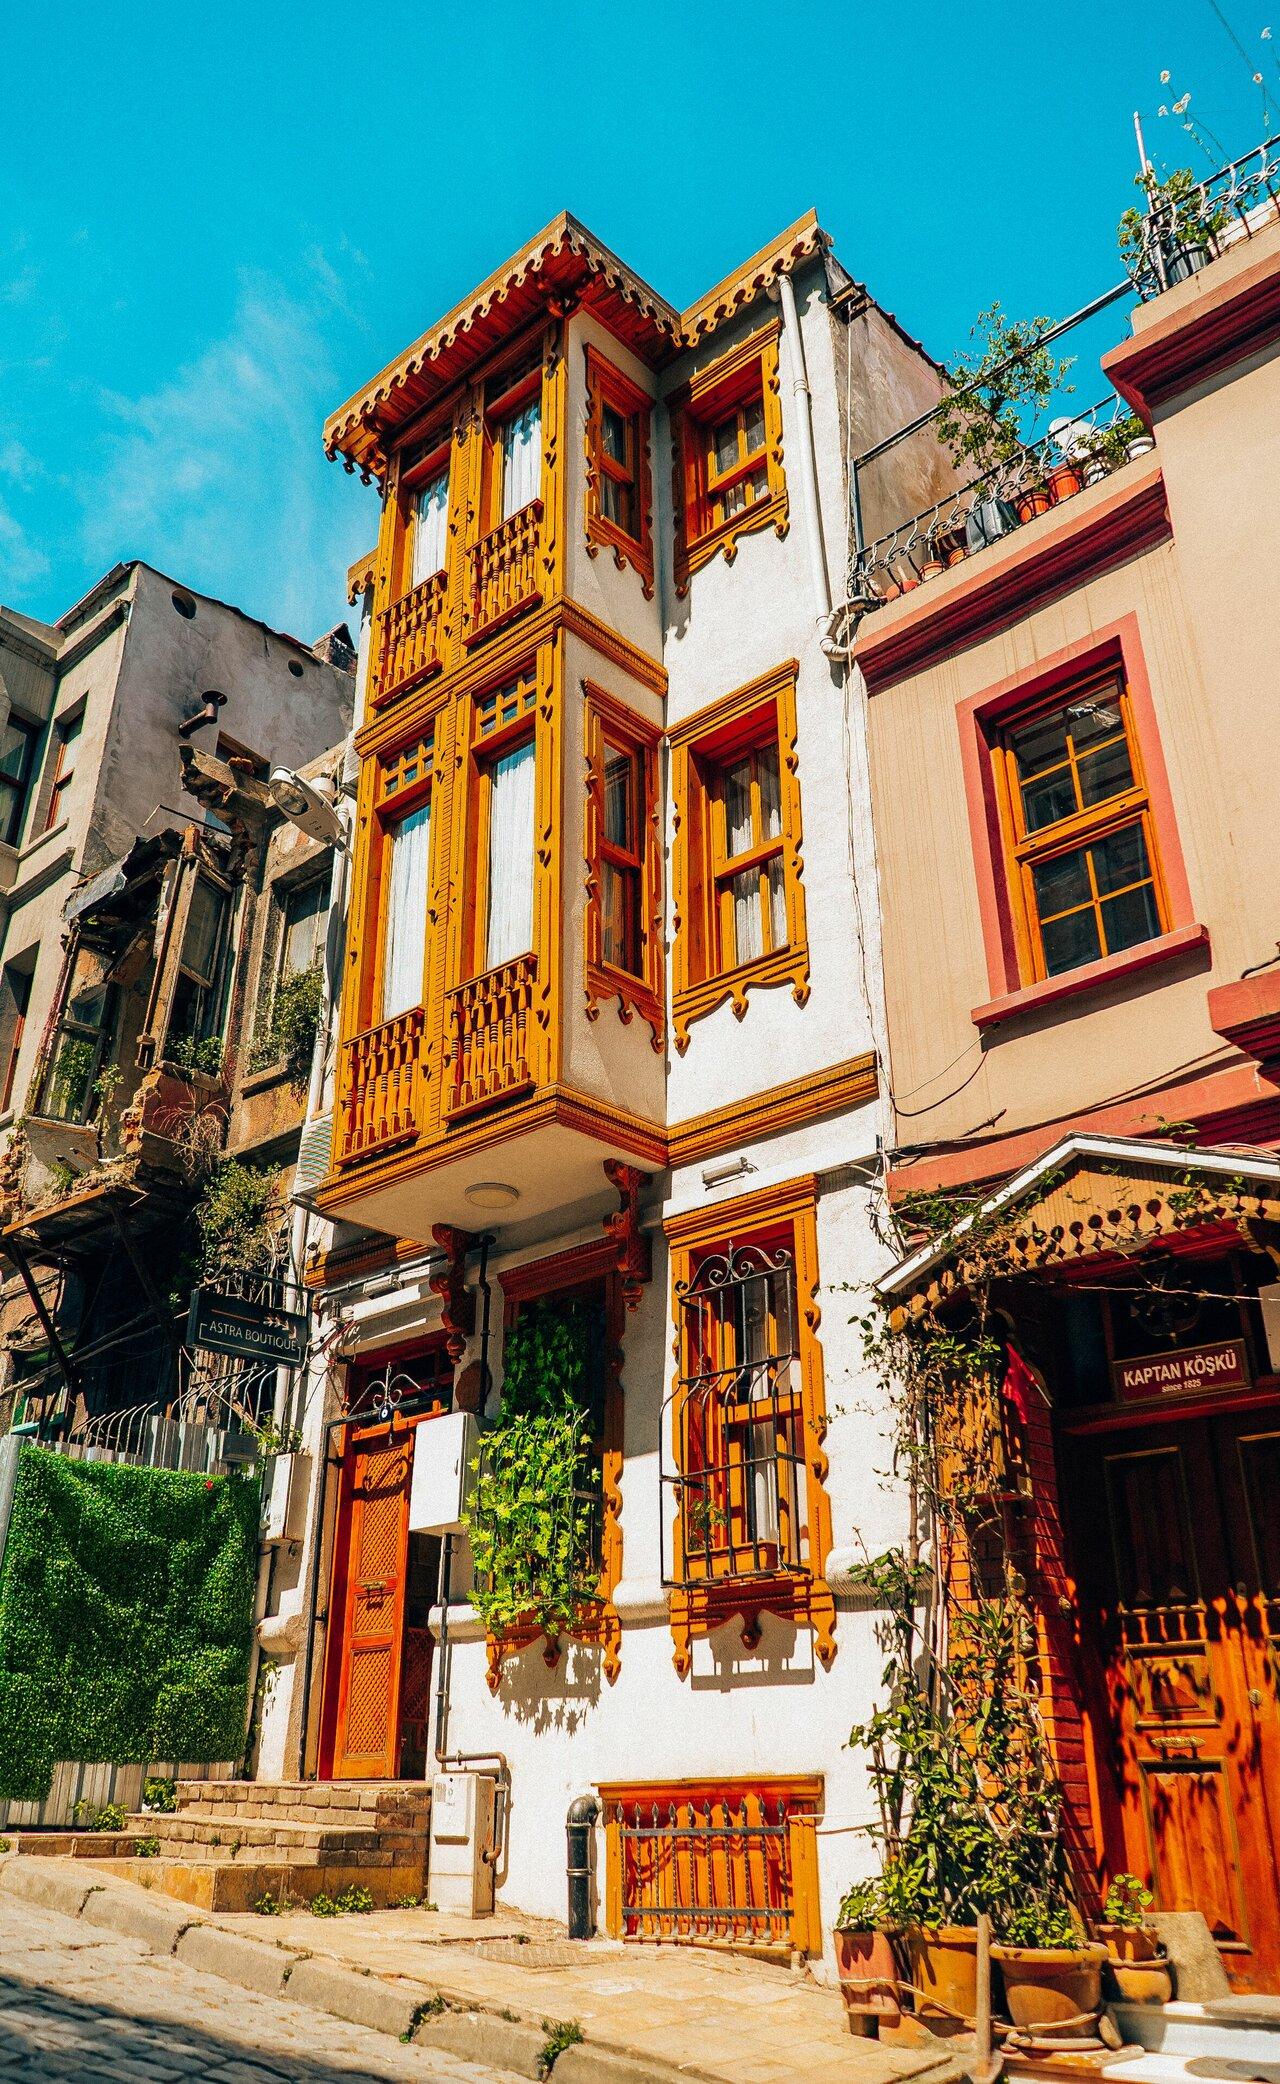 Nik's Taksim